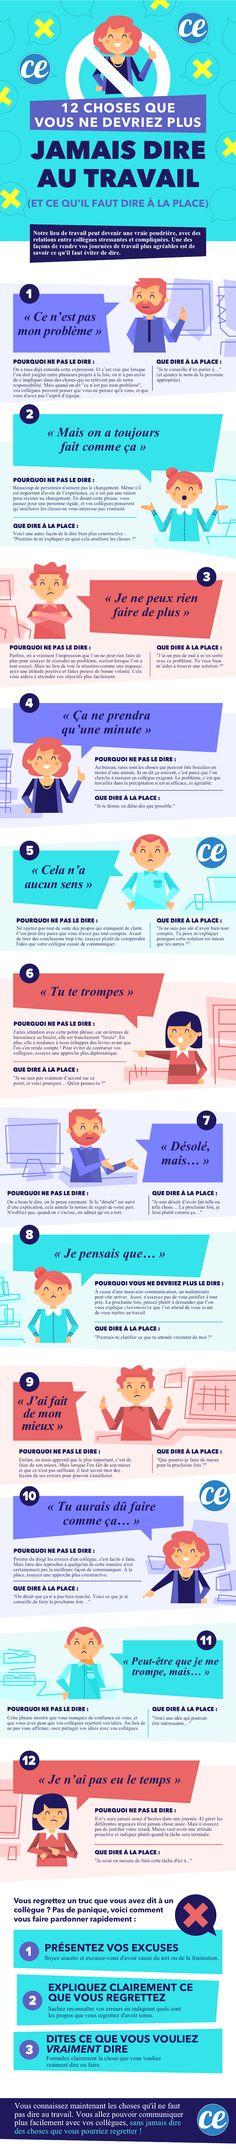 Voici l'infographie les 12 choses qu'il faut éviter de dire à vos collègues, et ce qu'il faut dire à la place !